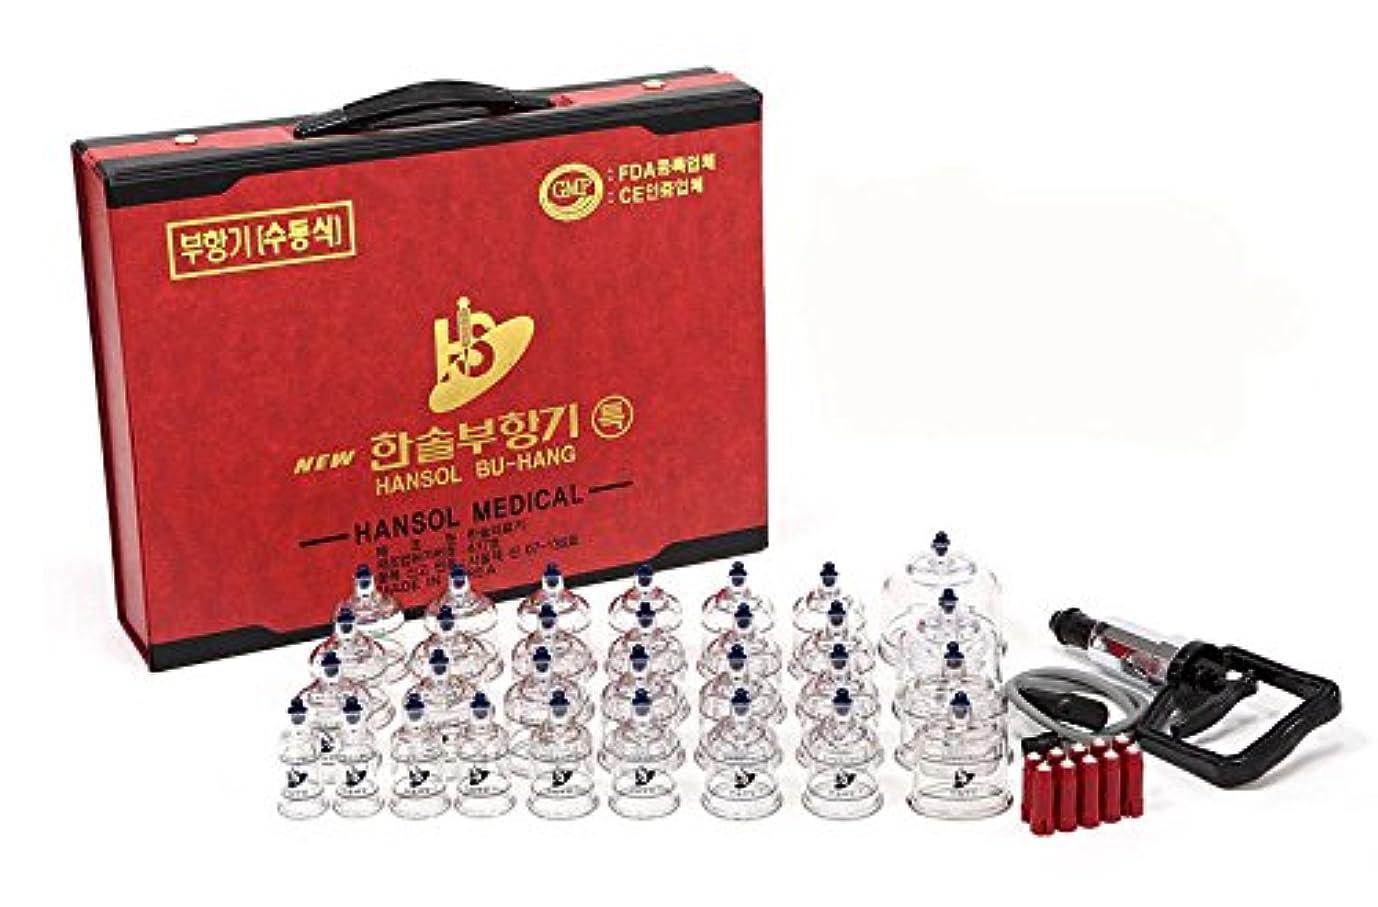 連続したアーティファクト焦げEMS特急配送-ハンソル(HANSOL)カッピング (プハン)セット-カップ7種類 30個 つぼ押しピン10本付き